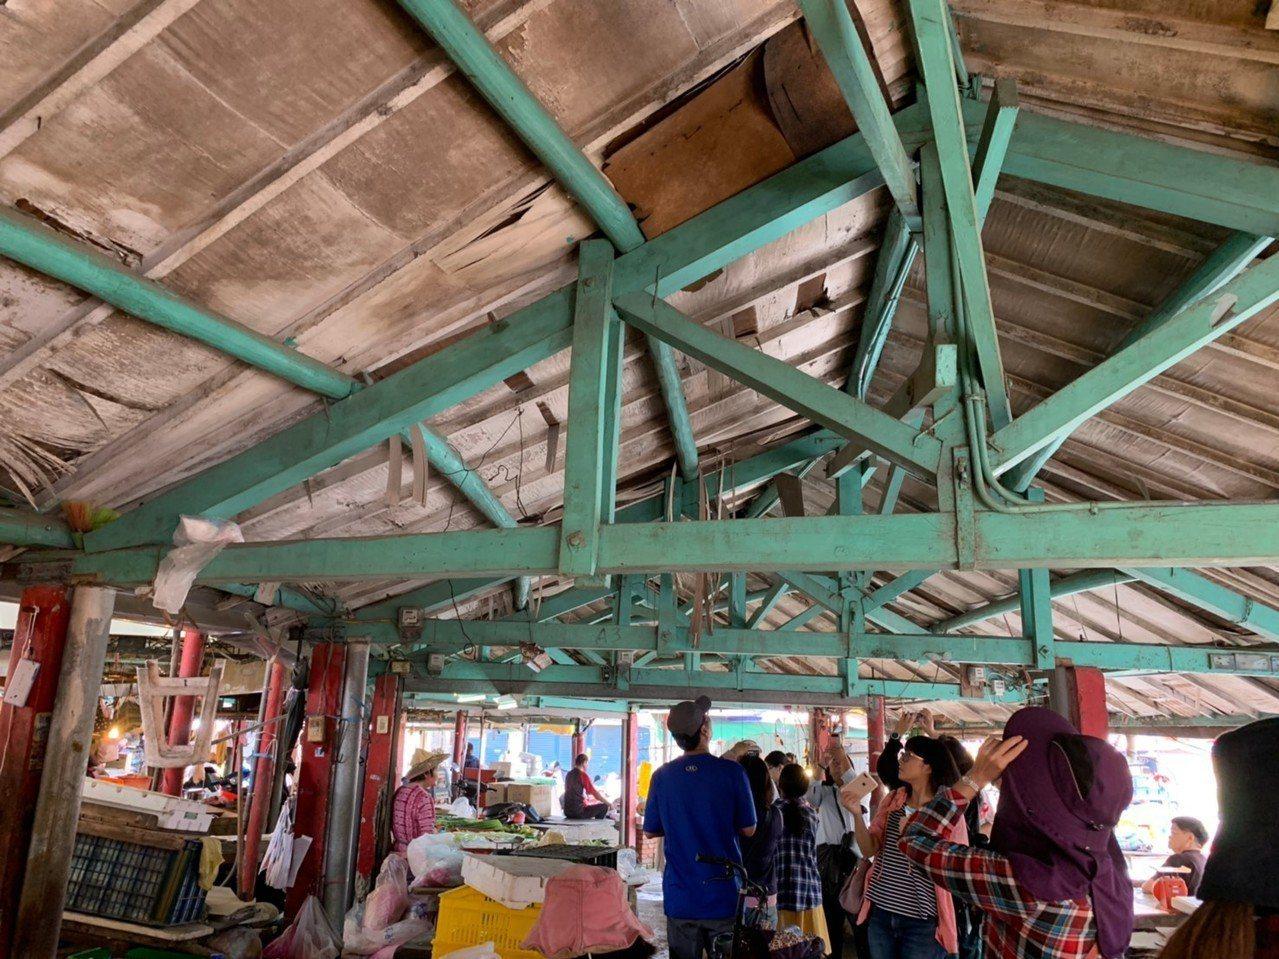 岡山眷村文化協會向學員介紹欣欣市場的木構桁架。記者徐如宜/攝影